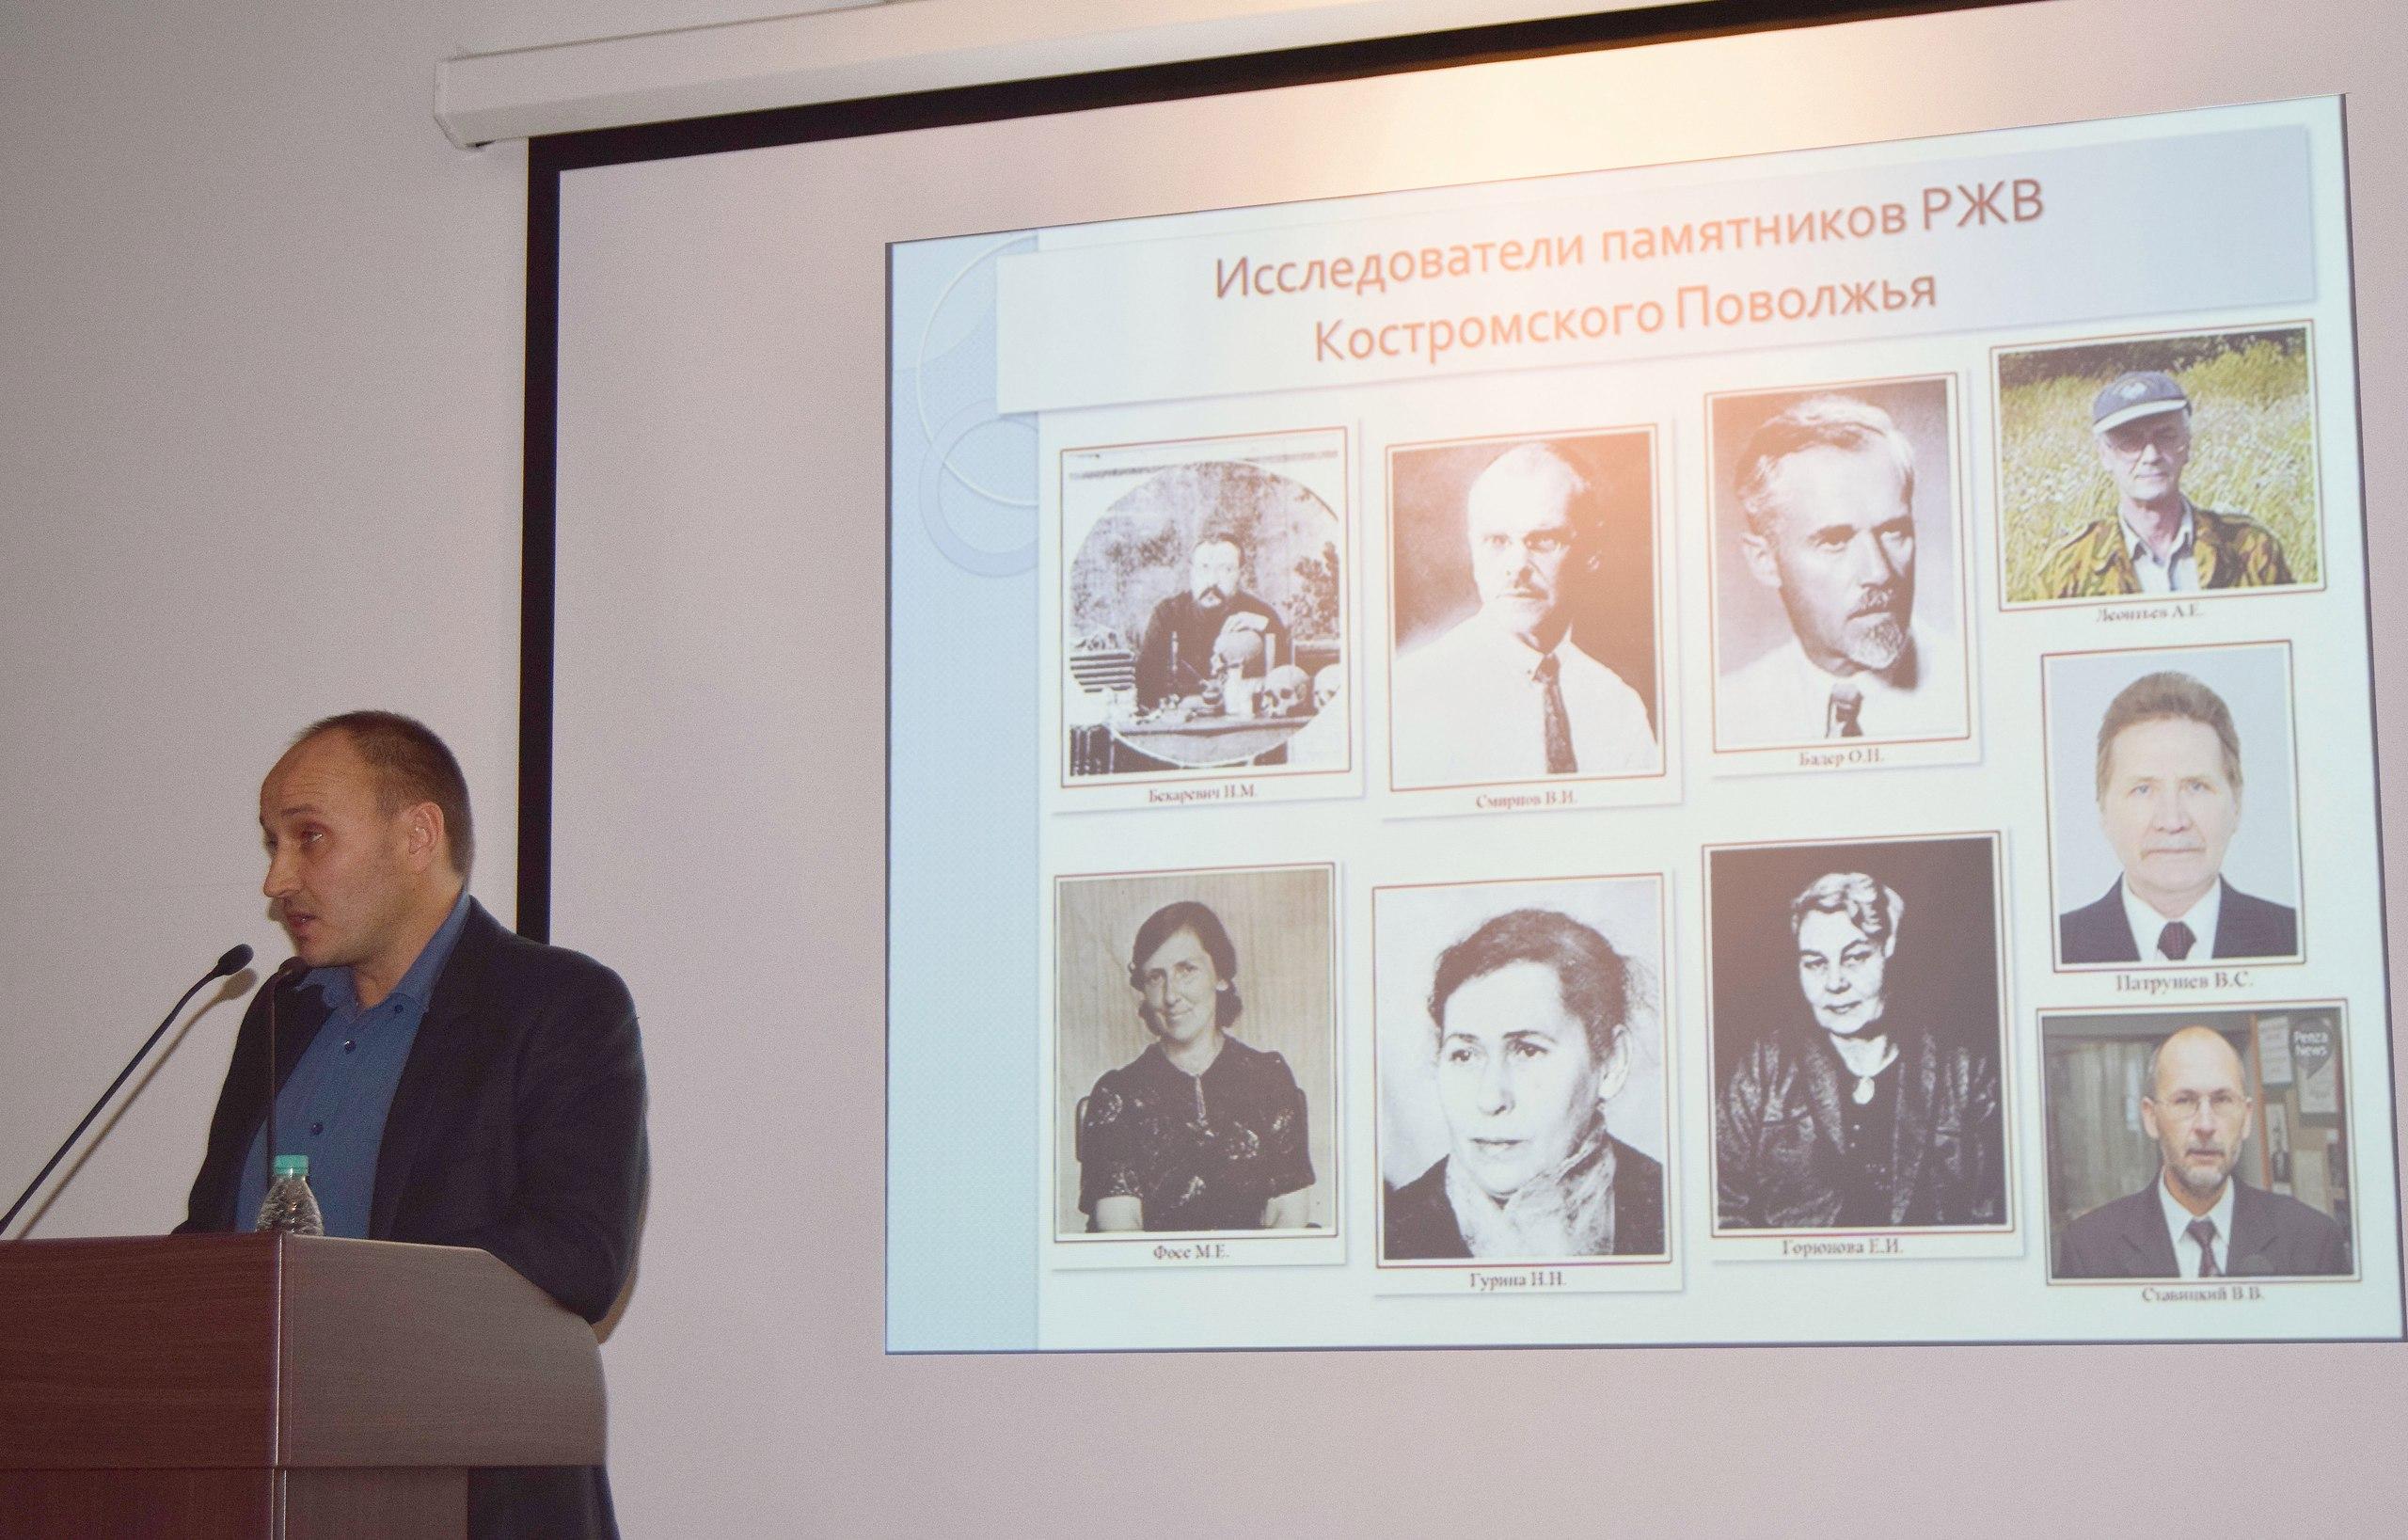 Автор монографии в ходе выступления на конференции в Болгаре